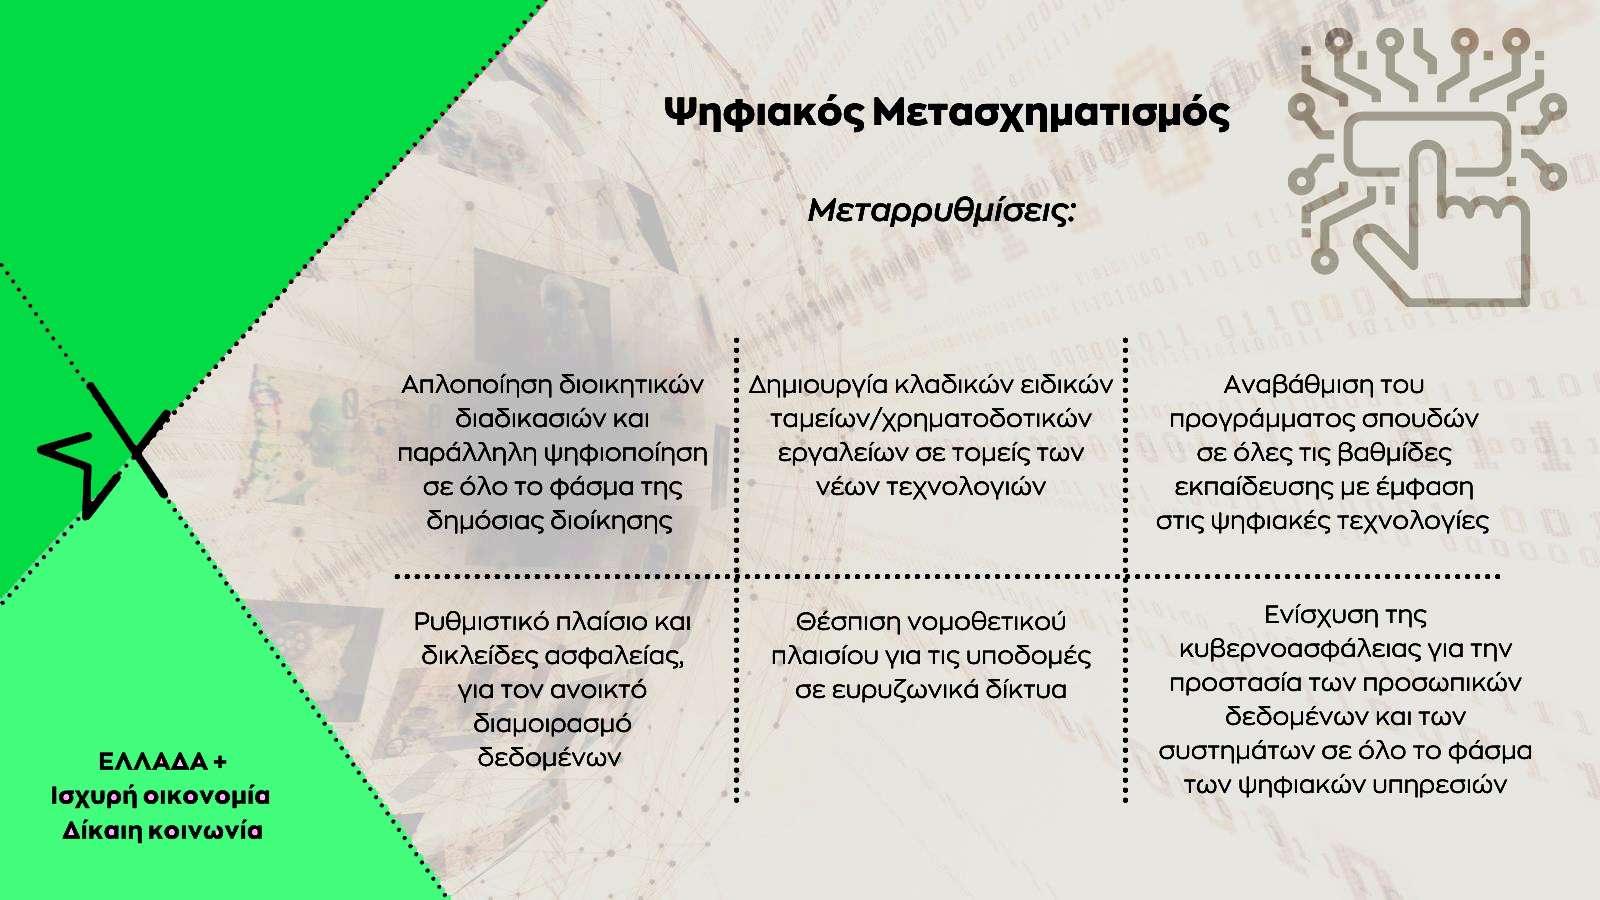 ΣΥΡΙΖΑ Σχέδιο Ελλάδα Ψηφιακός Μετασχηματισμός